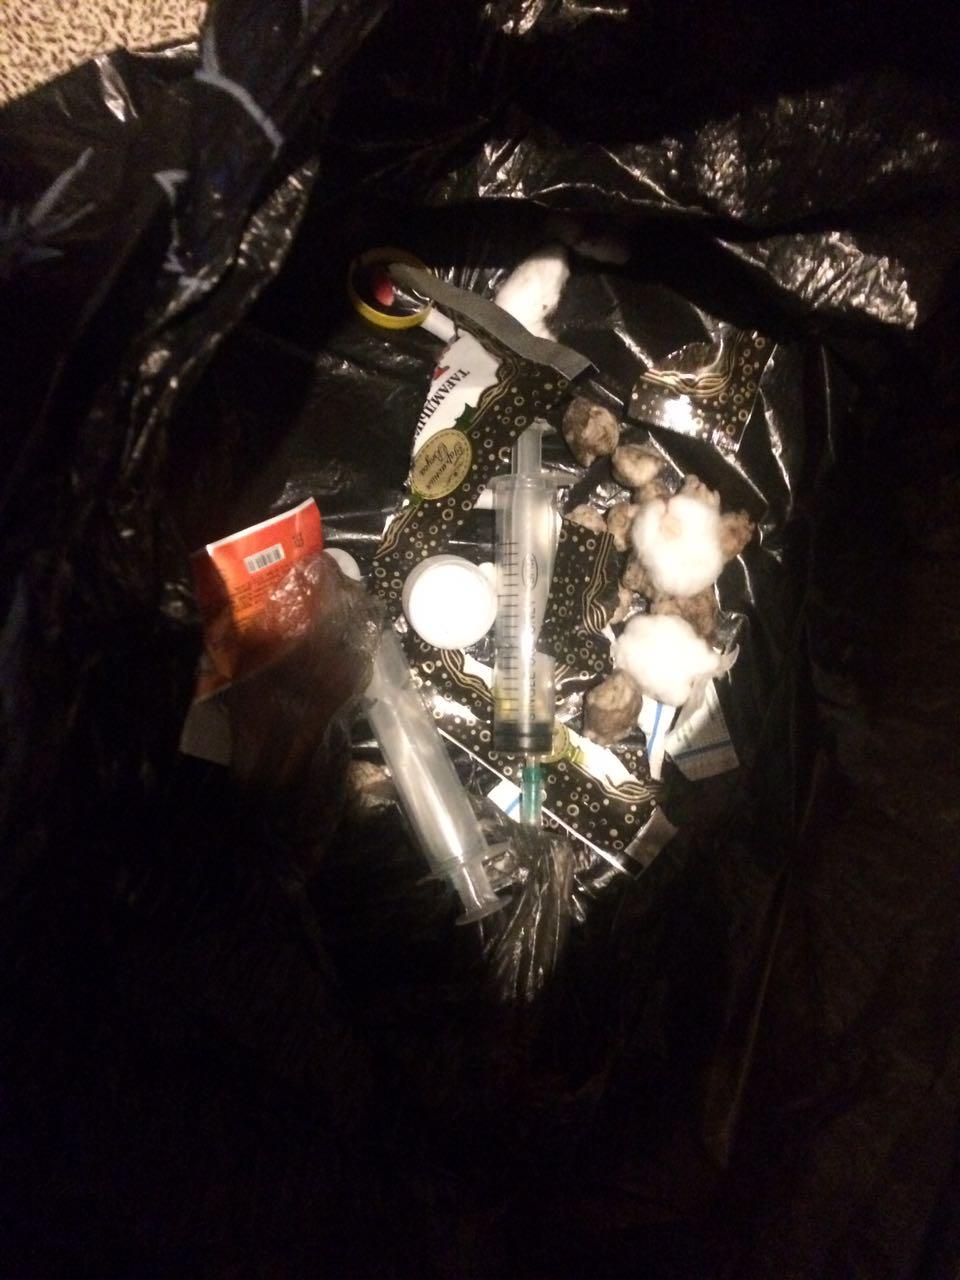 В Набережных Челнах выявили очередной наркопритон (ФОТО, ВИДЕО)